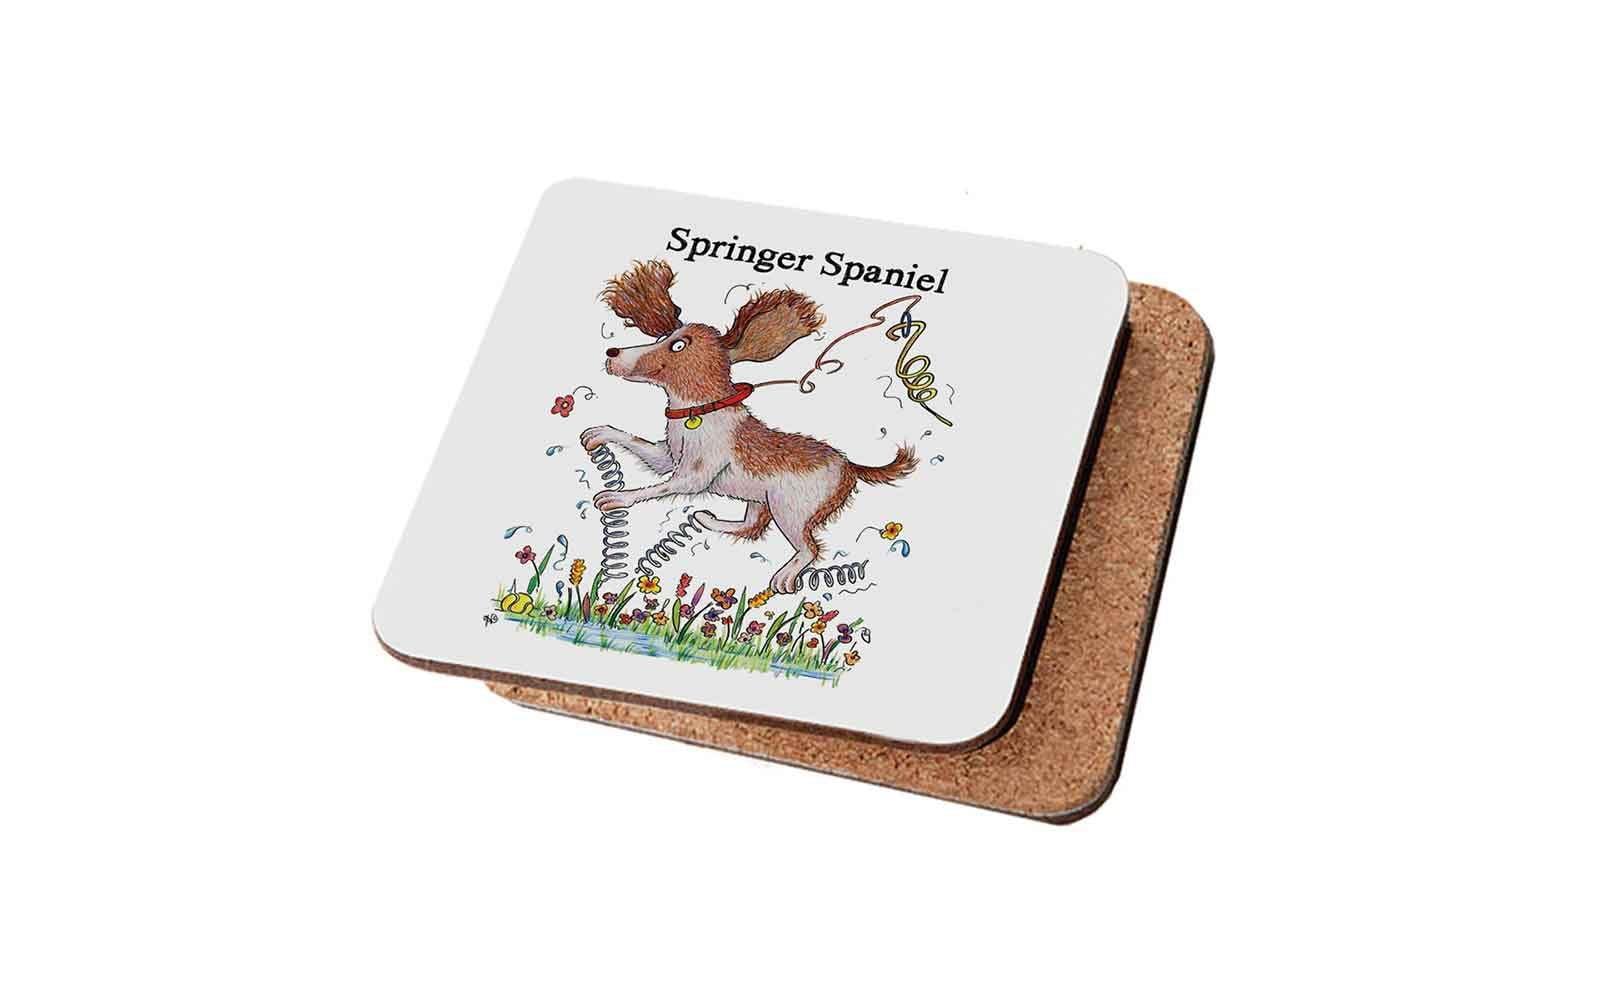 Springer Spaniel Spaniel Coaster